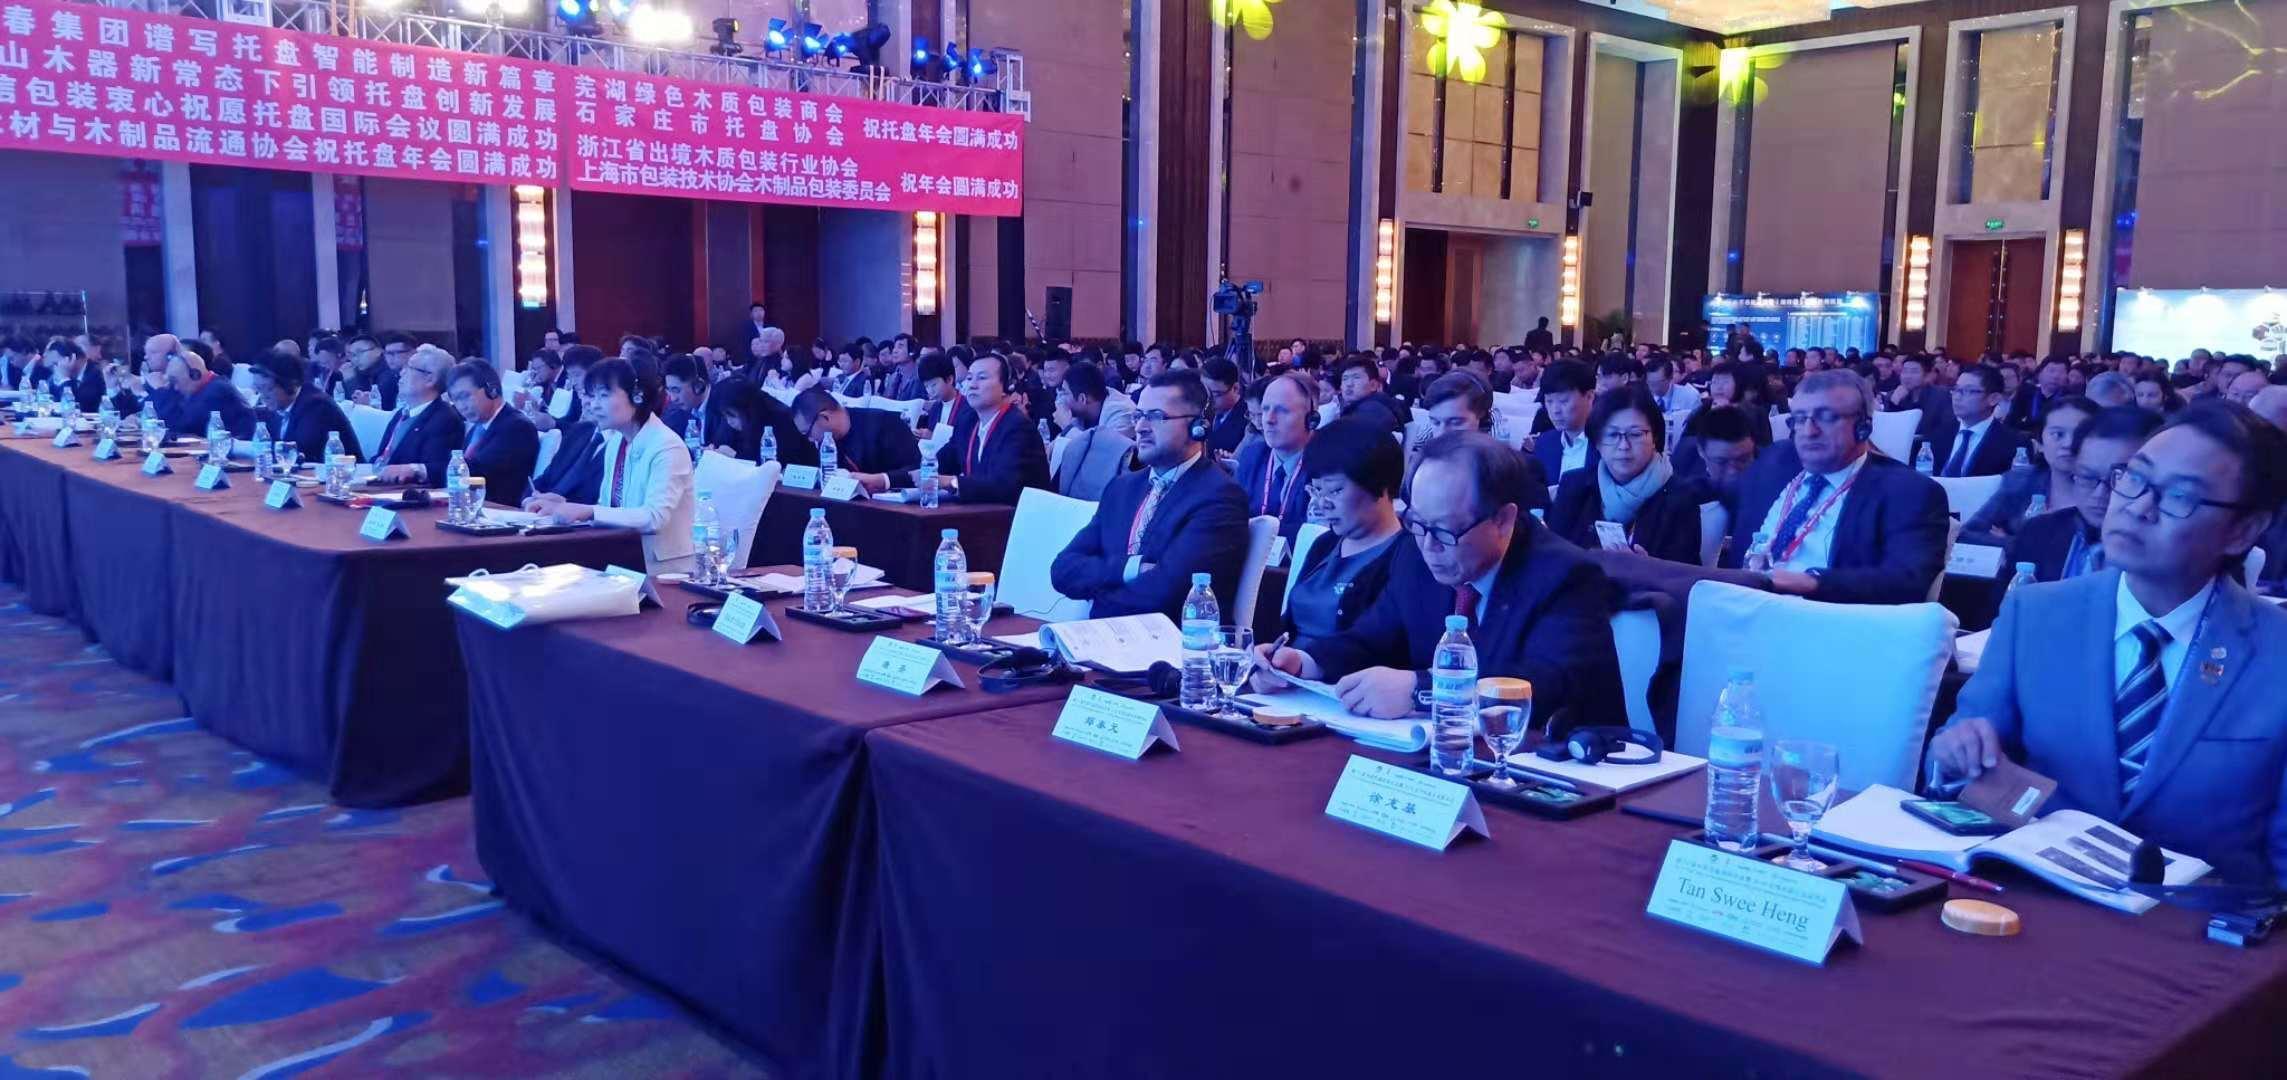 中国托盘国际会议暨2018全球托盘企业家年会于济南召开